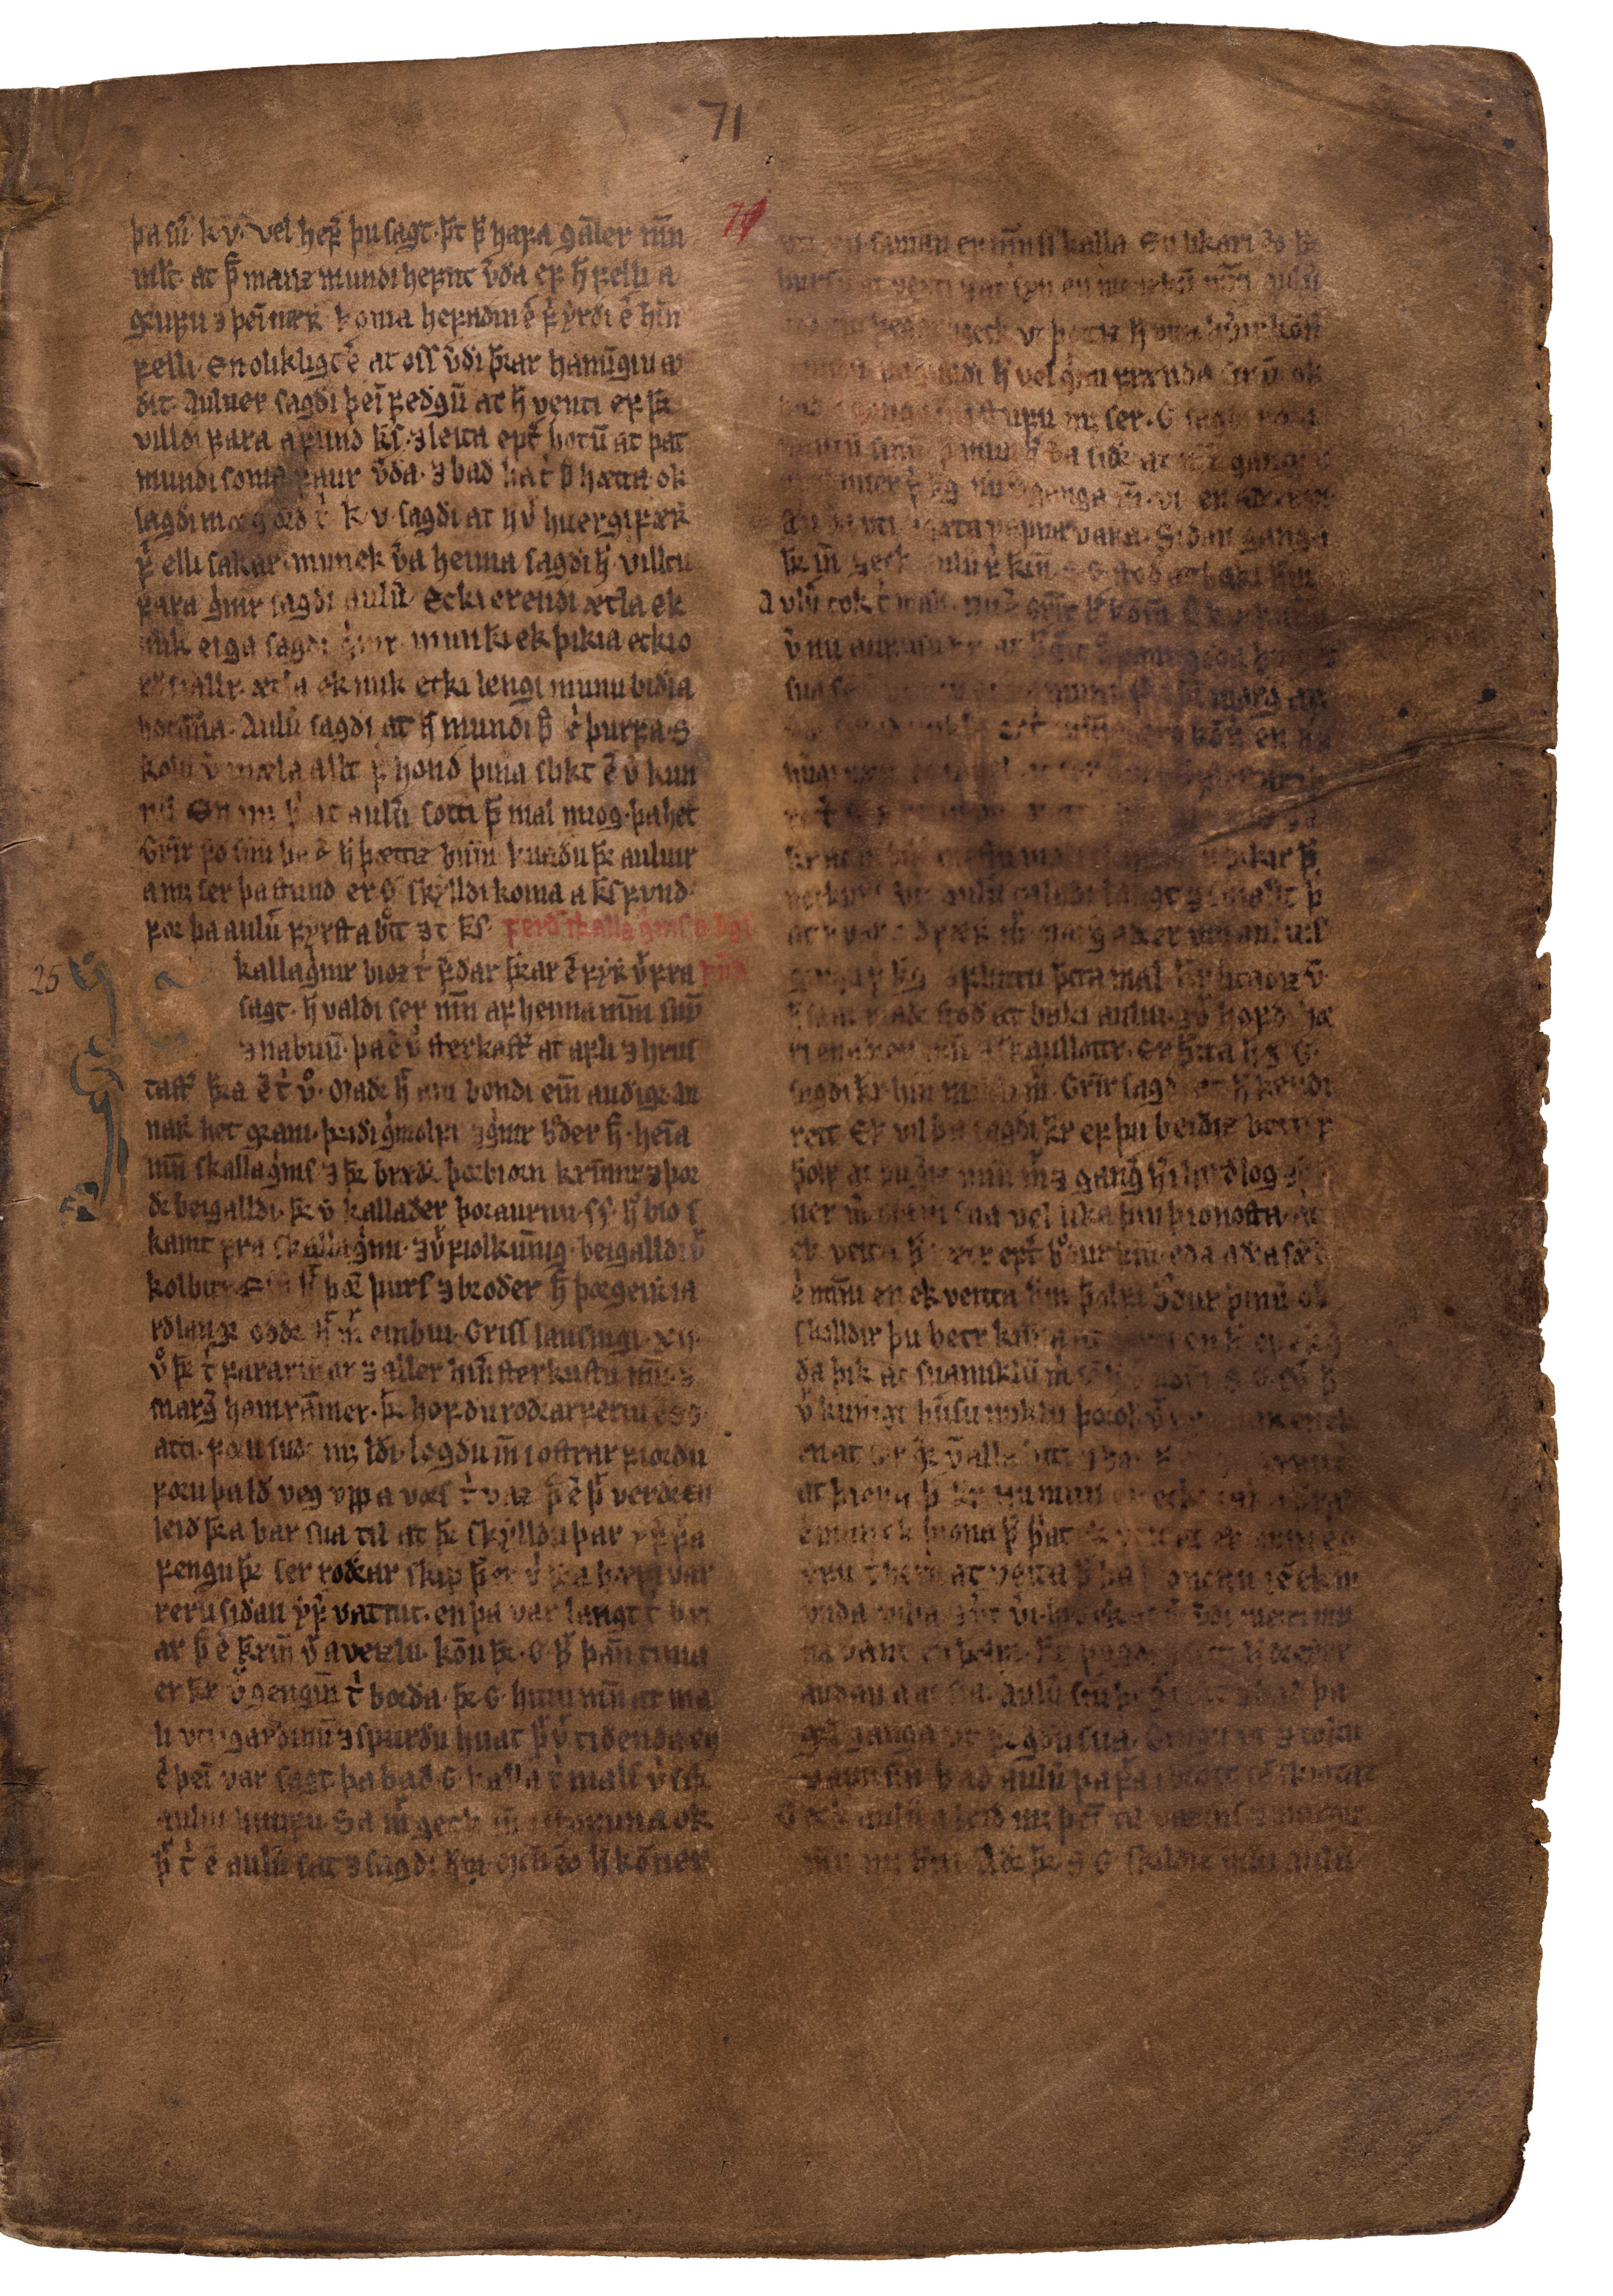 AM 132 fol - 71r